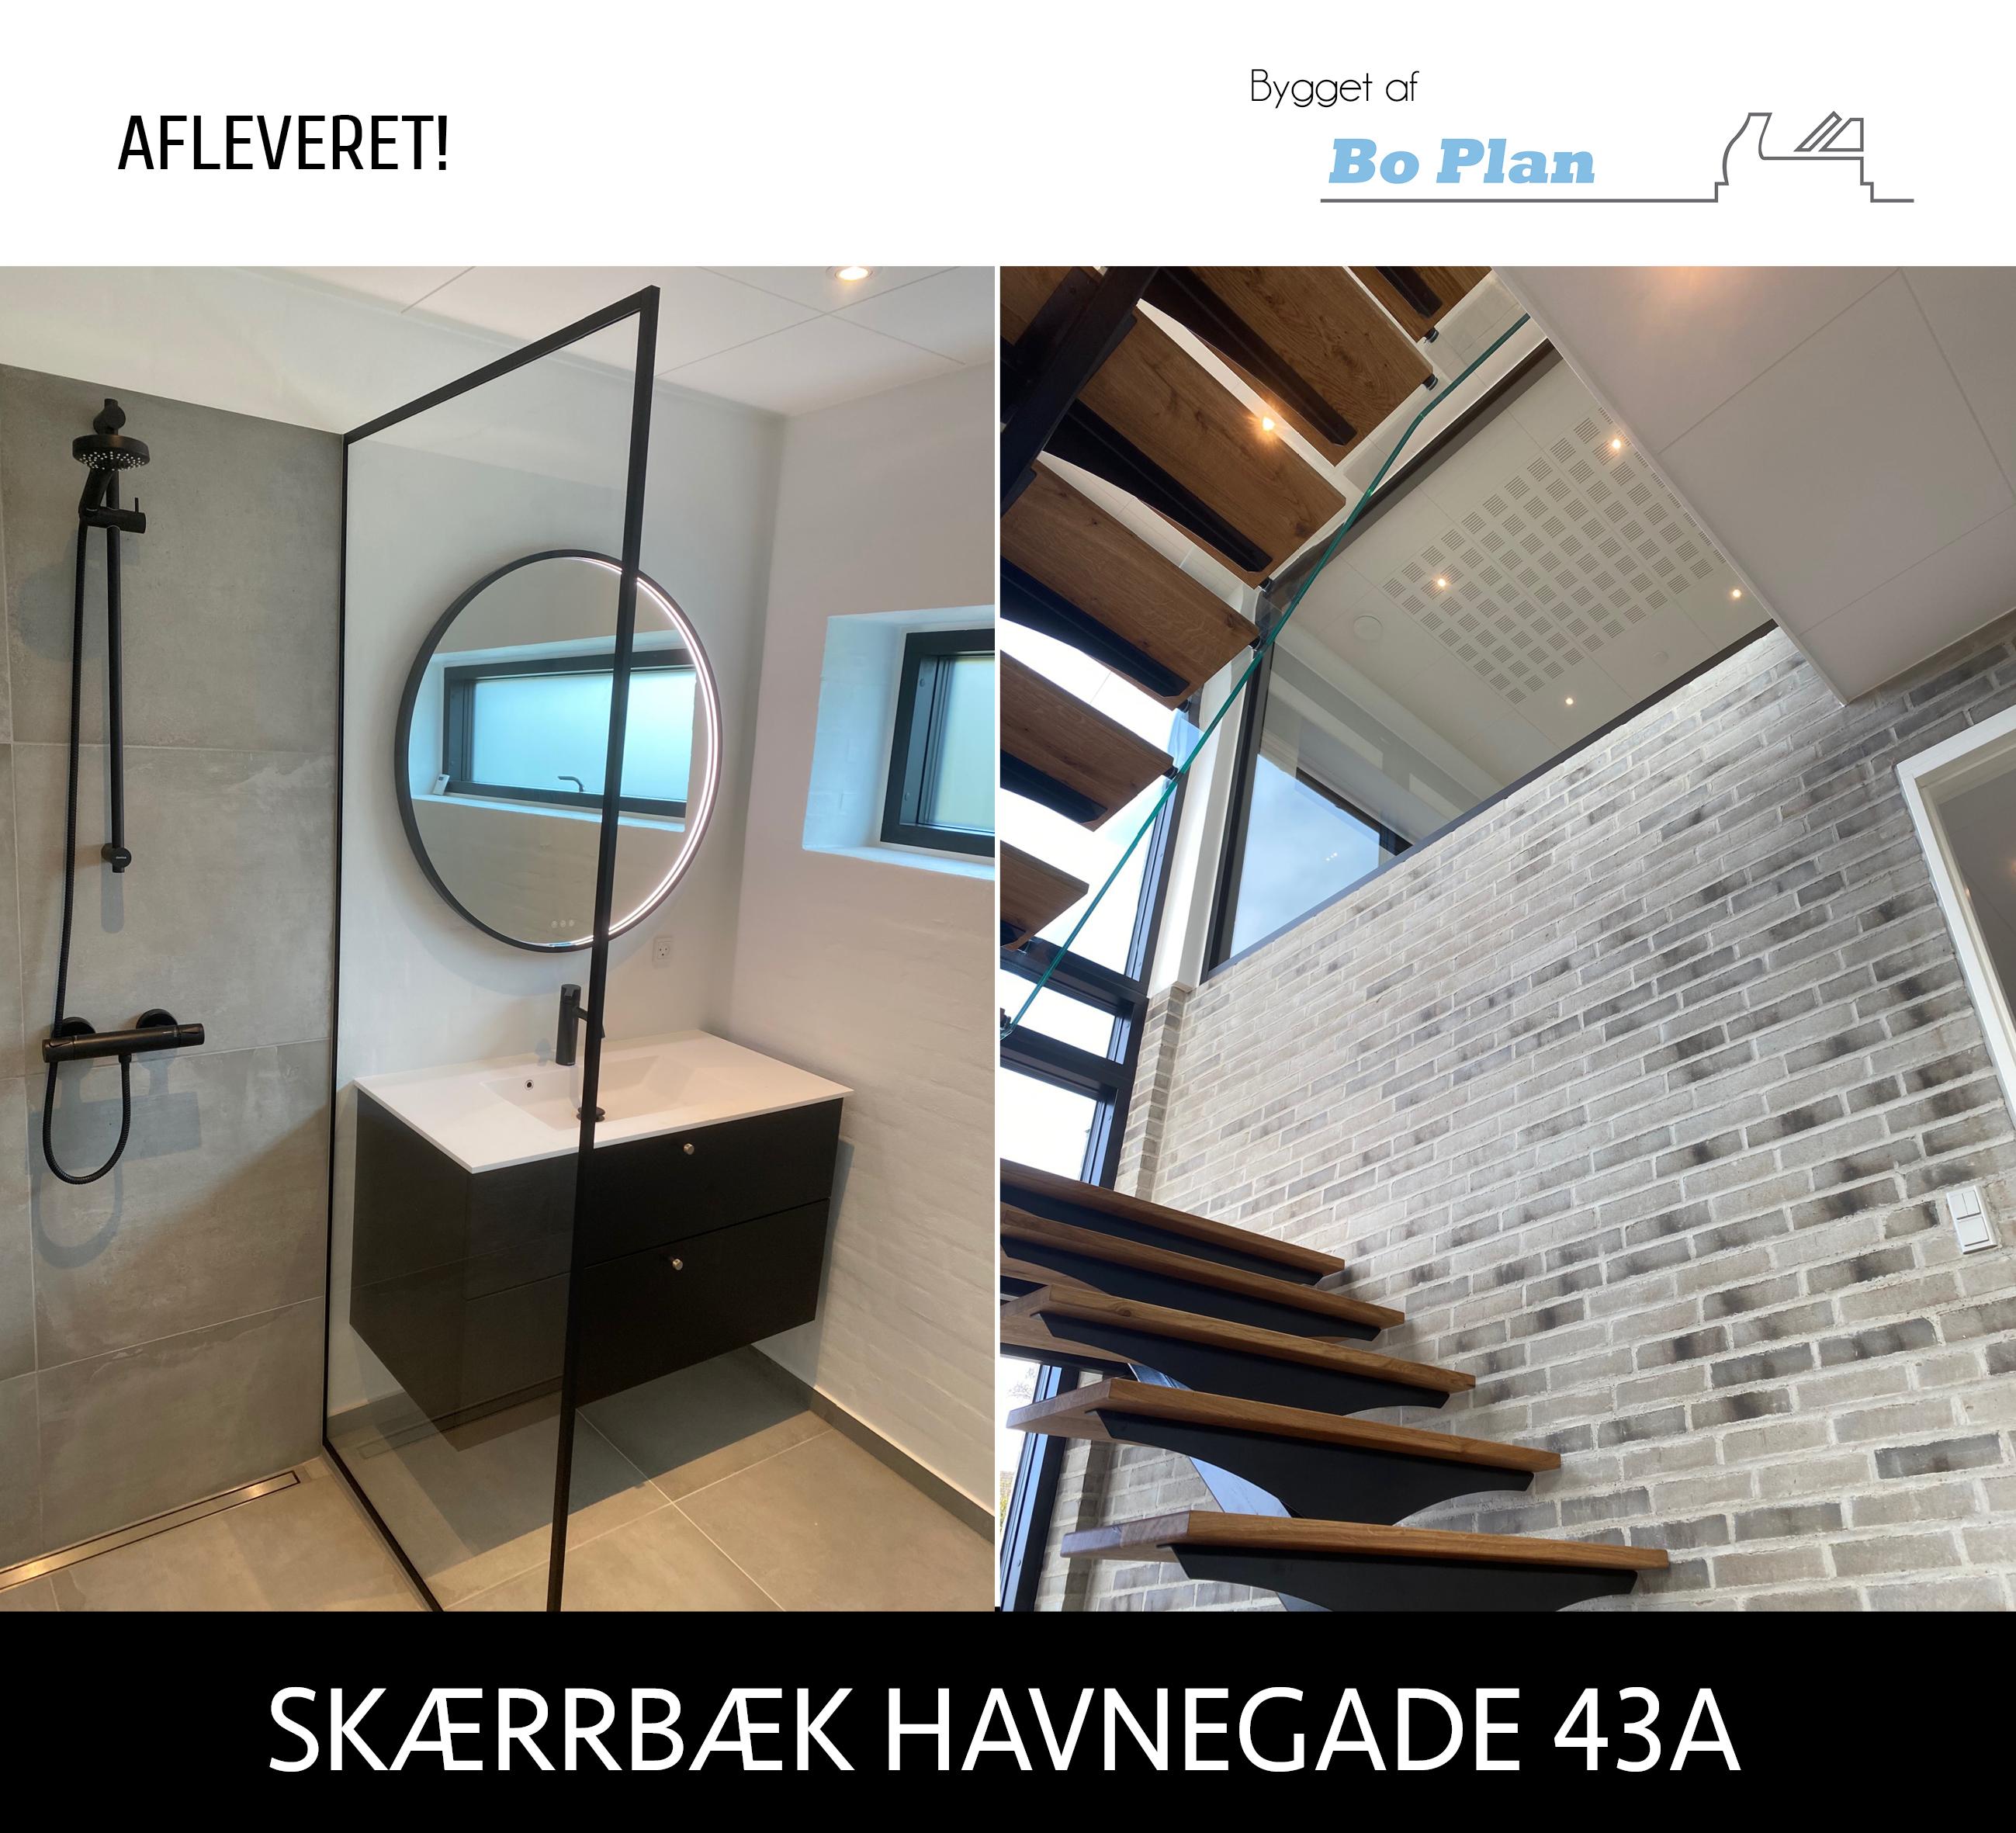 Skærbæk_Havnegade_43A_afleveret6